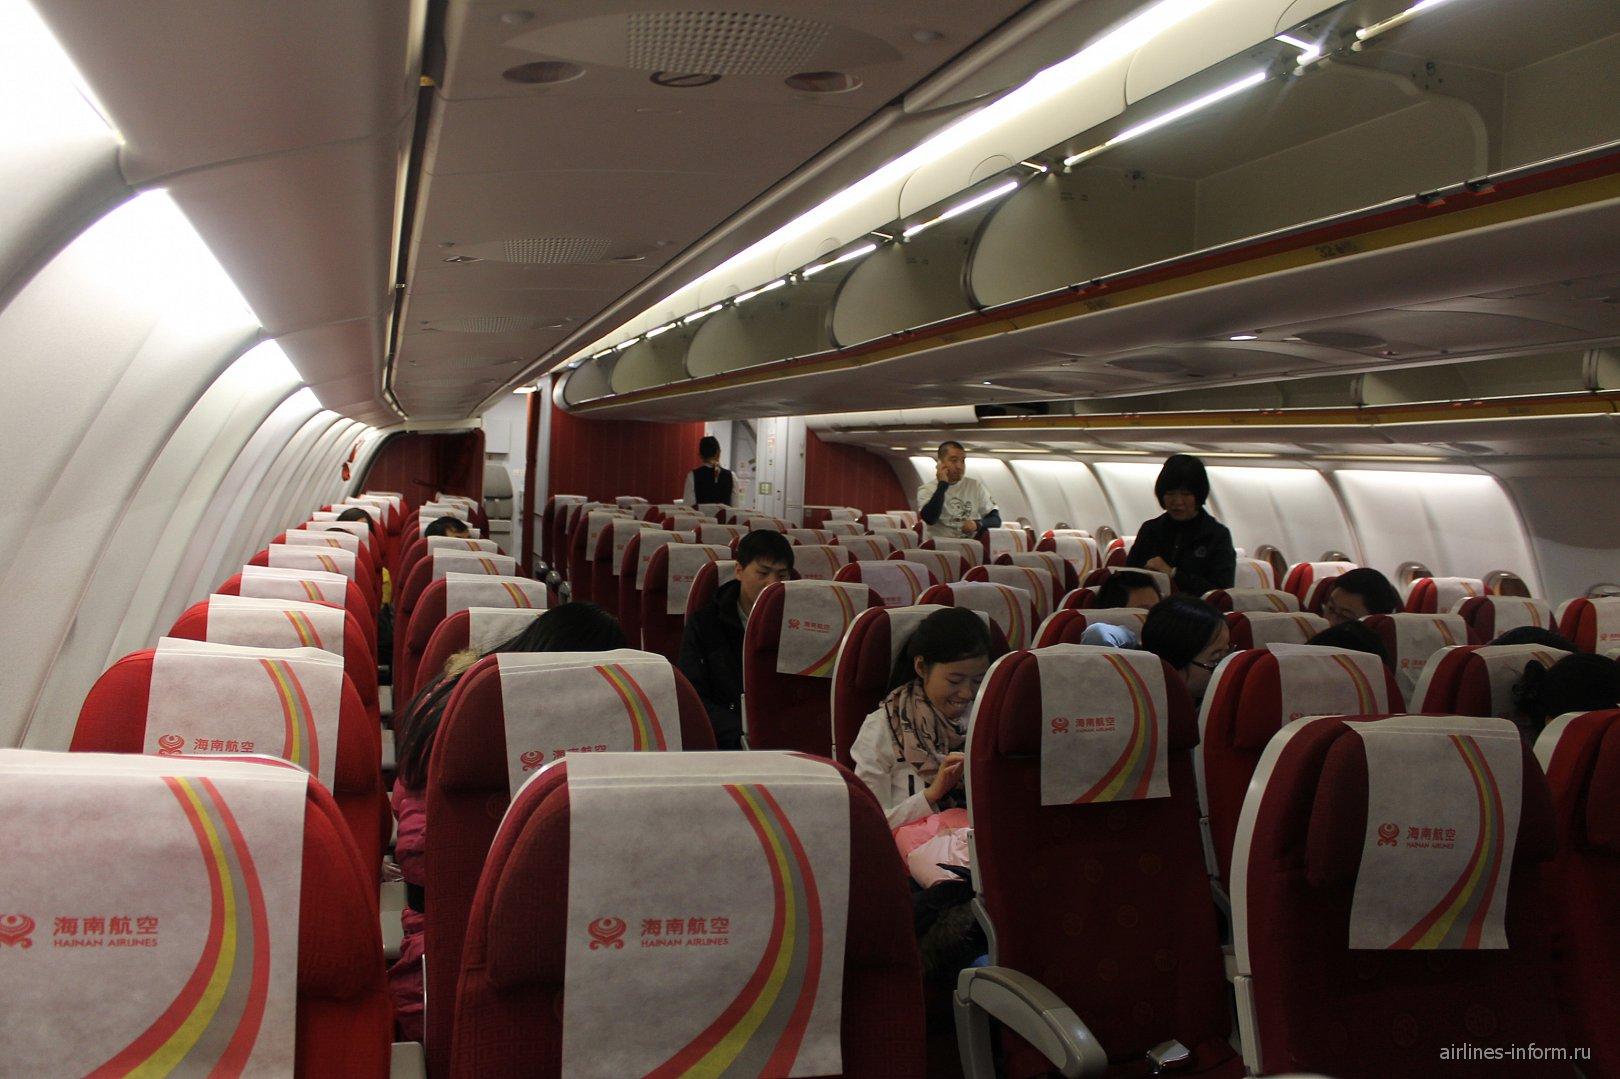 Салон самолета Airbus A330-300 Хайнаньских авиалиний